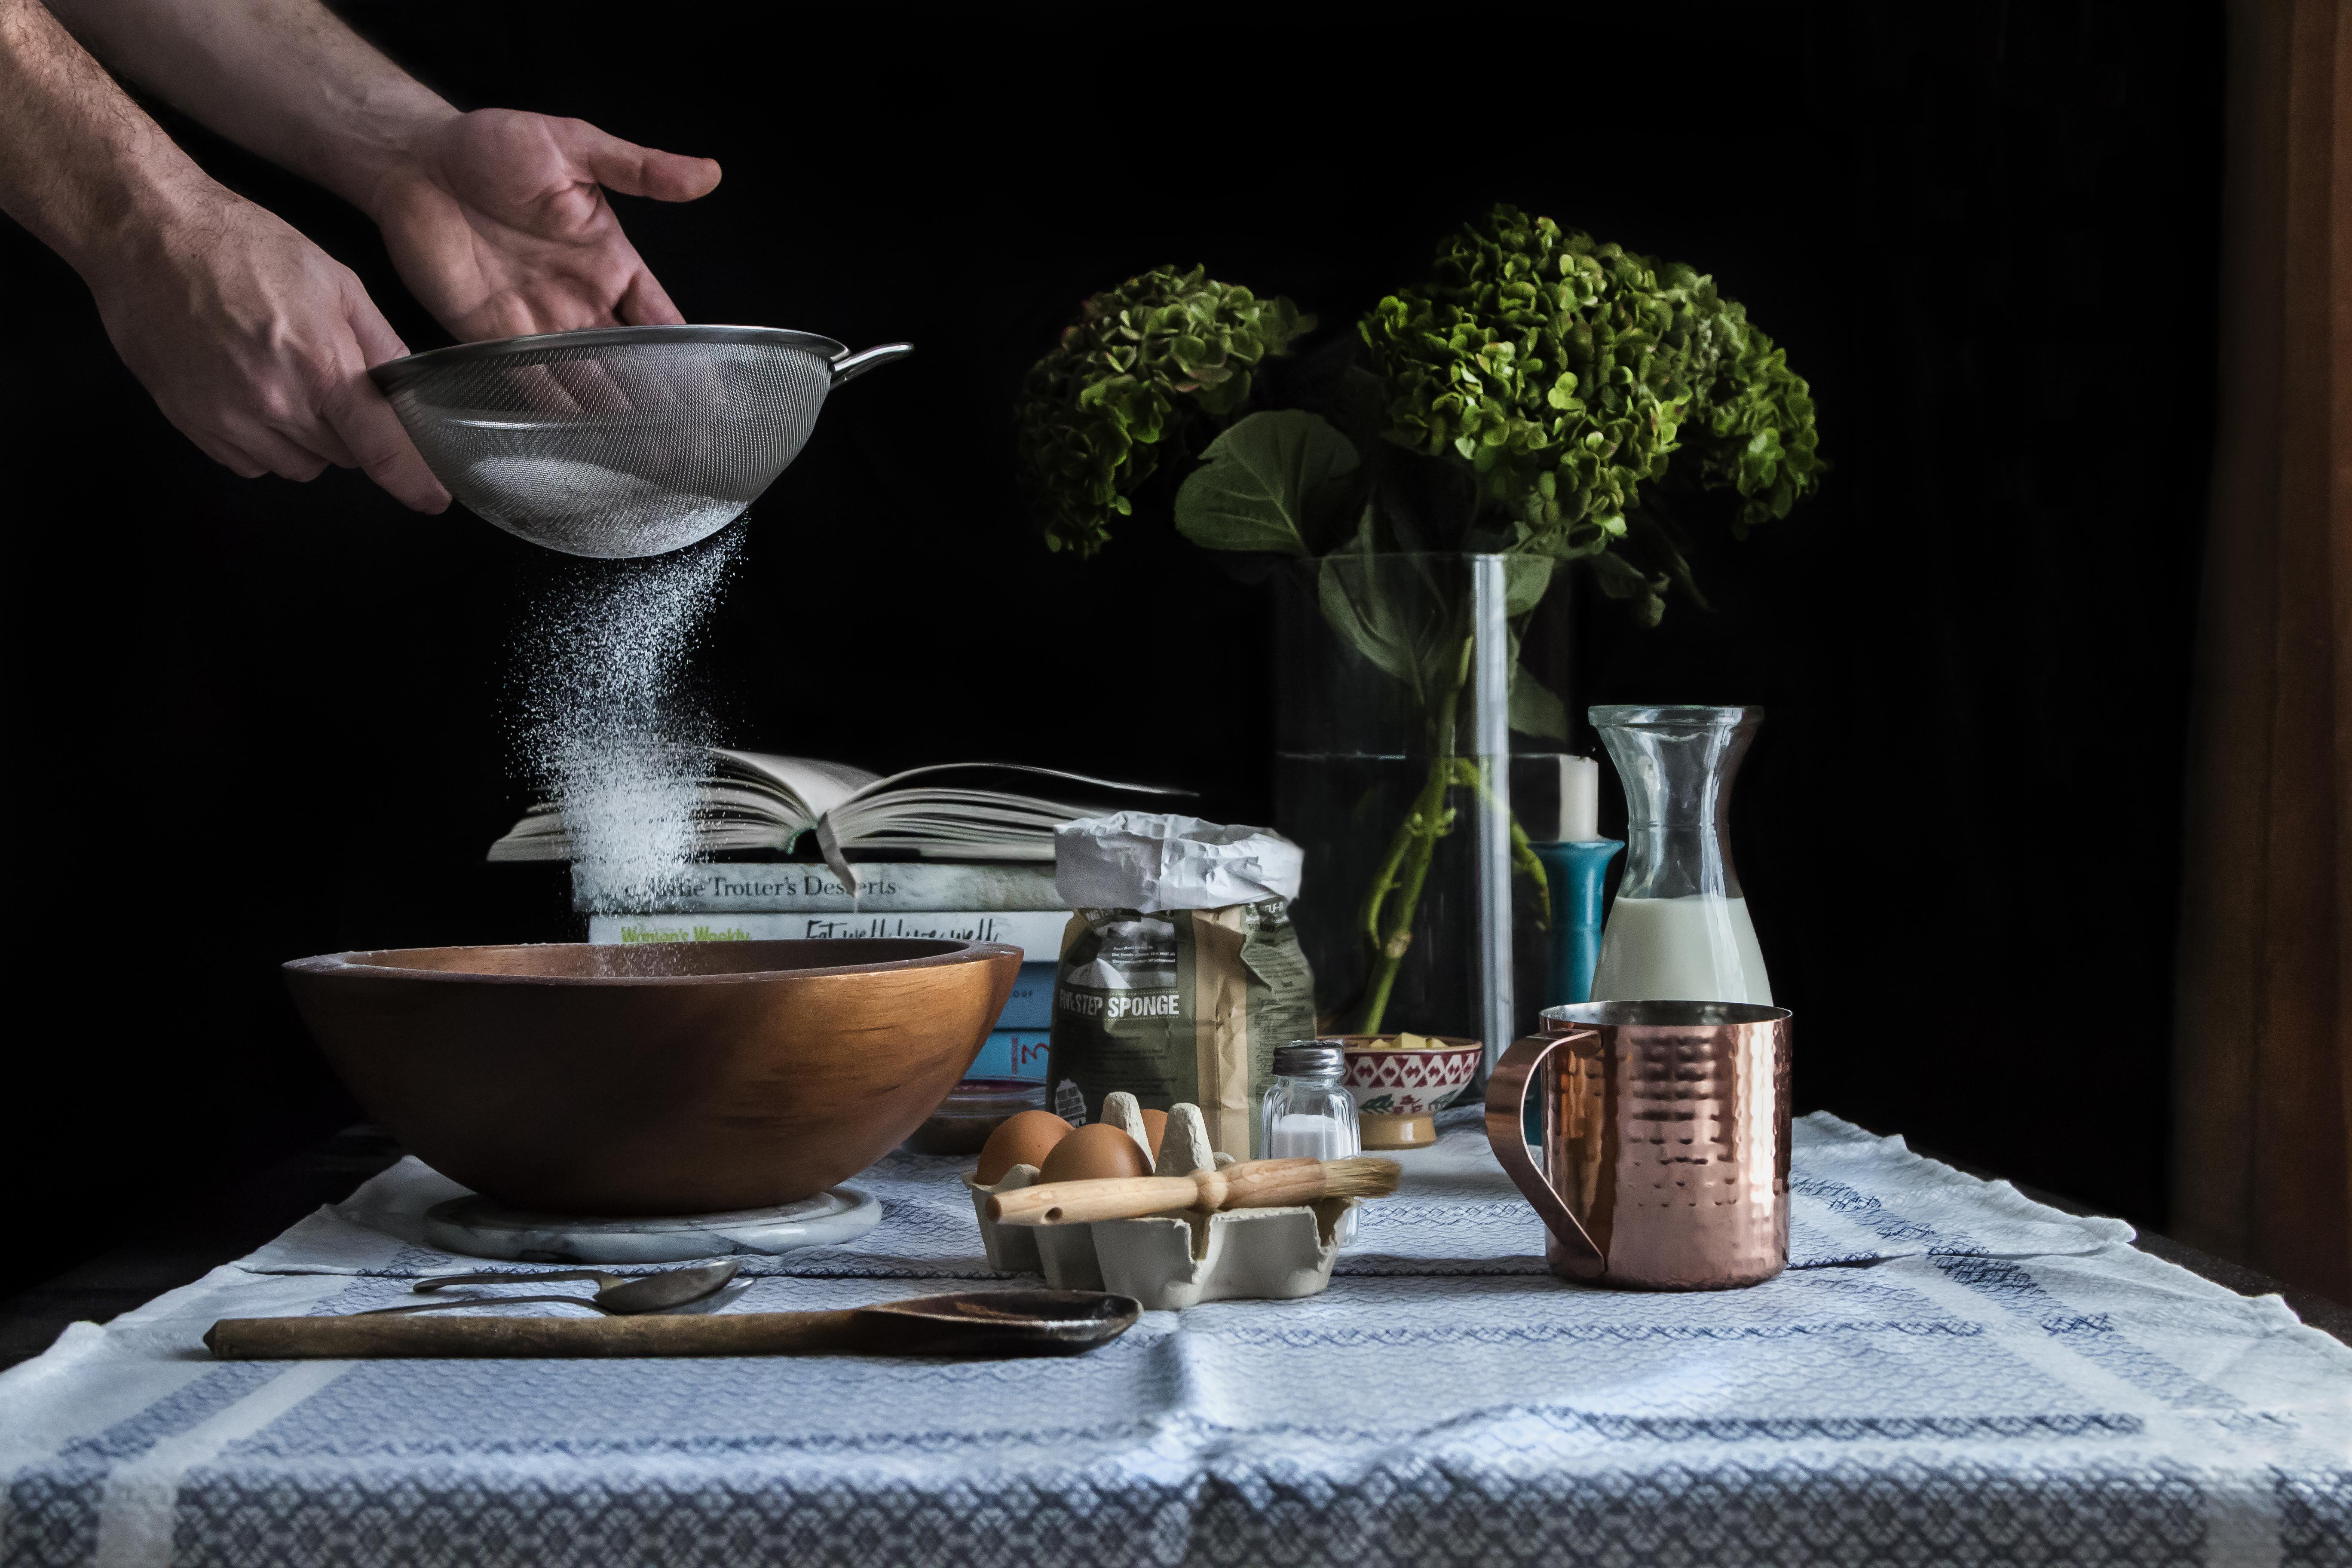 Moody Food Art - Making Pancakes